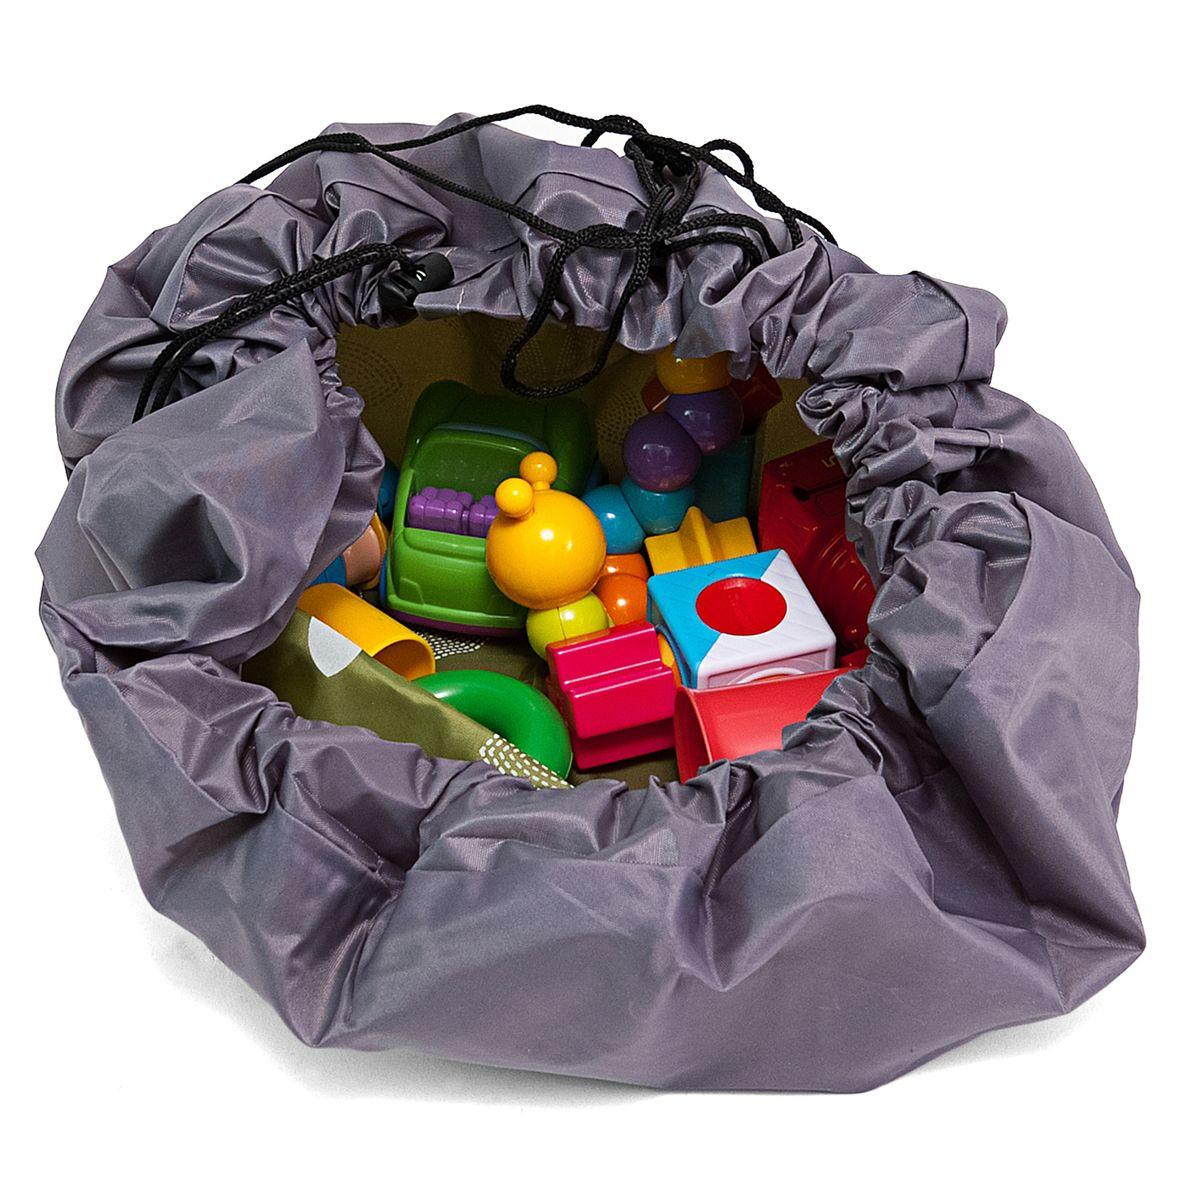 Сумка-коврик Homsu Лужайка, цвет: зеленый, 80х80 смTF-14AU-12Сумка-коврик это оригинальный способ хранения и транспортировки детских игрушек. В разложенном состоянии - это поле для игры, а когда нужно собрать игрушки, он затягивается на шнурок и превращается в удобную сумку. Выполнен из прочного, но мягкого канваса. Размер изделия: 80х80см